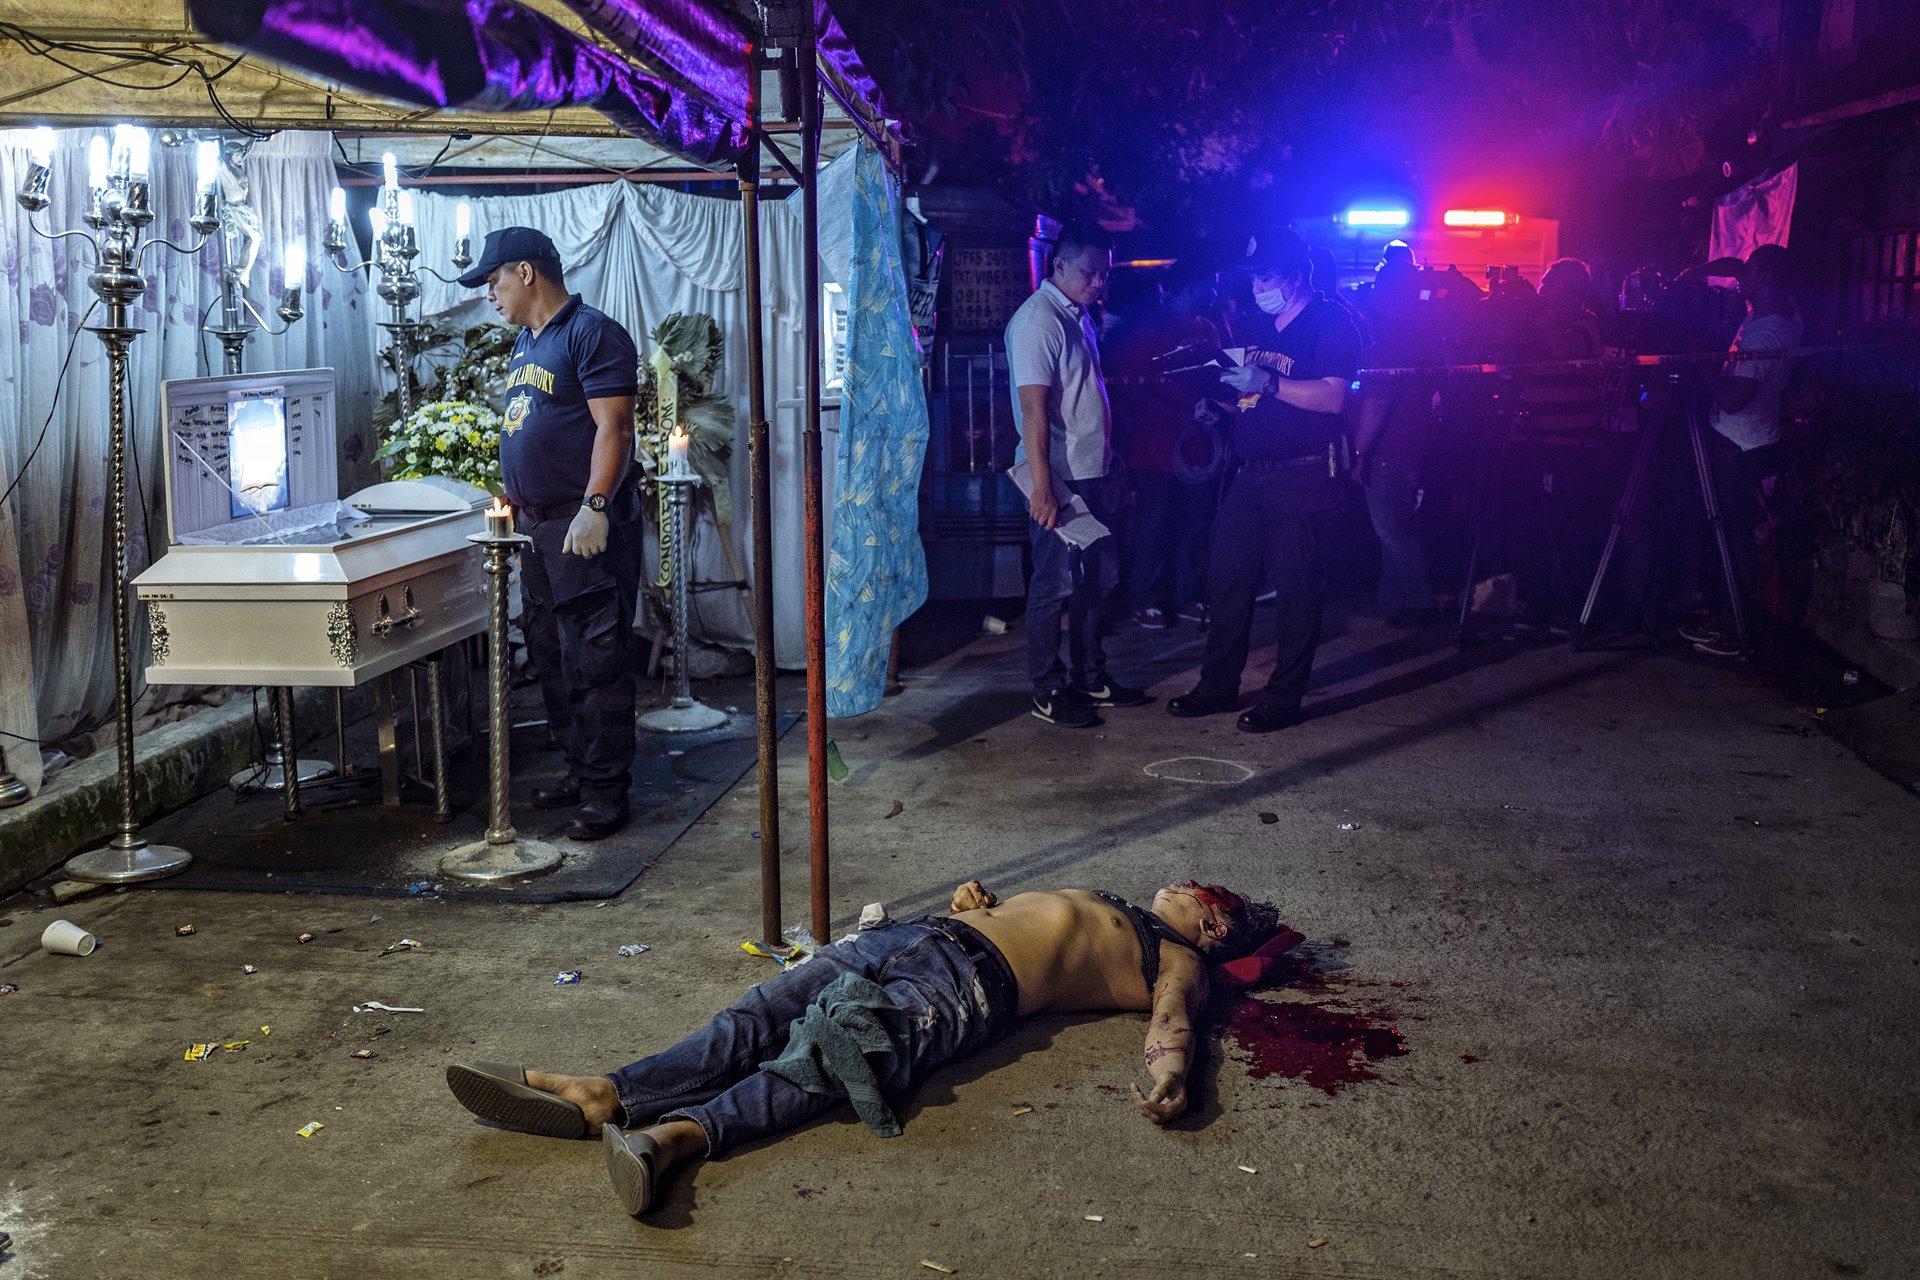 El cuerpo de Michael Nadayao yace en la calle después de ser asesinado a tiros por hombres no identificados, en Quezon City, Filipinas, el 31 de agosto de 2018. El presidente Rodrigo Duterte comenzó una ofensiva antidrogas poco después de asumir el cargo en junio de 2016, ordenando repetidas veces más ataques contra sospechosos / Foto: Ezra Acayan